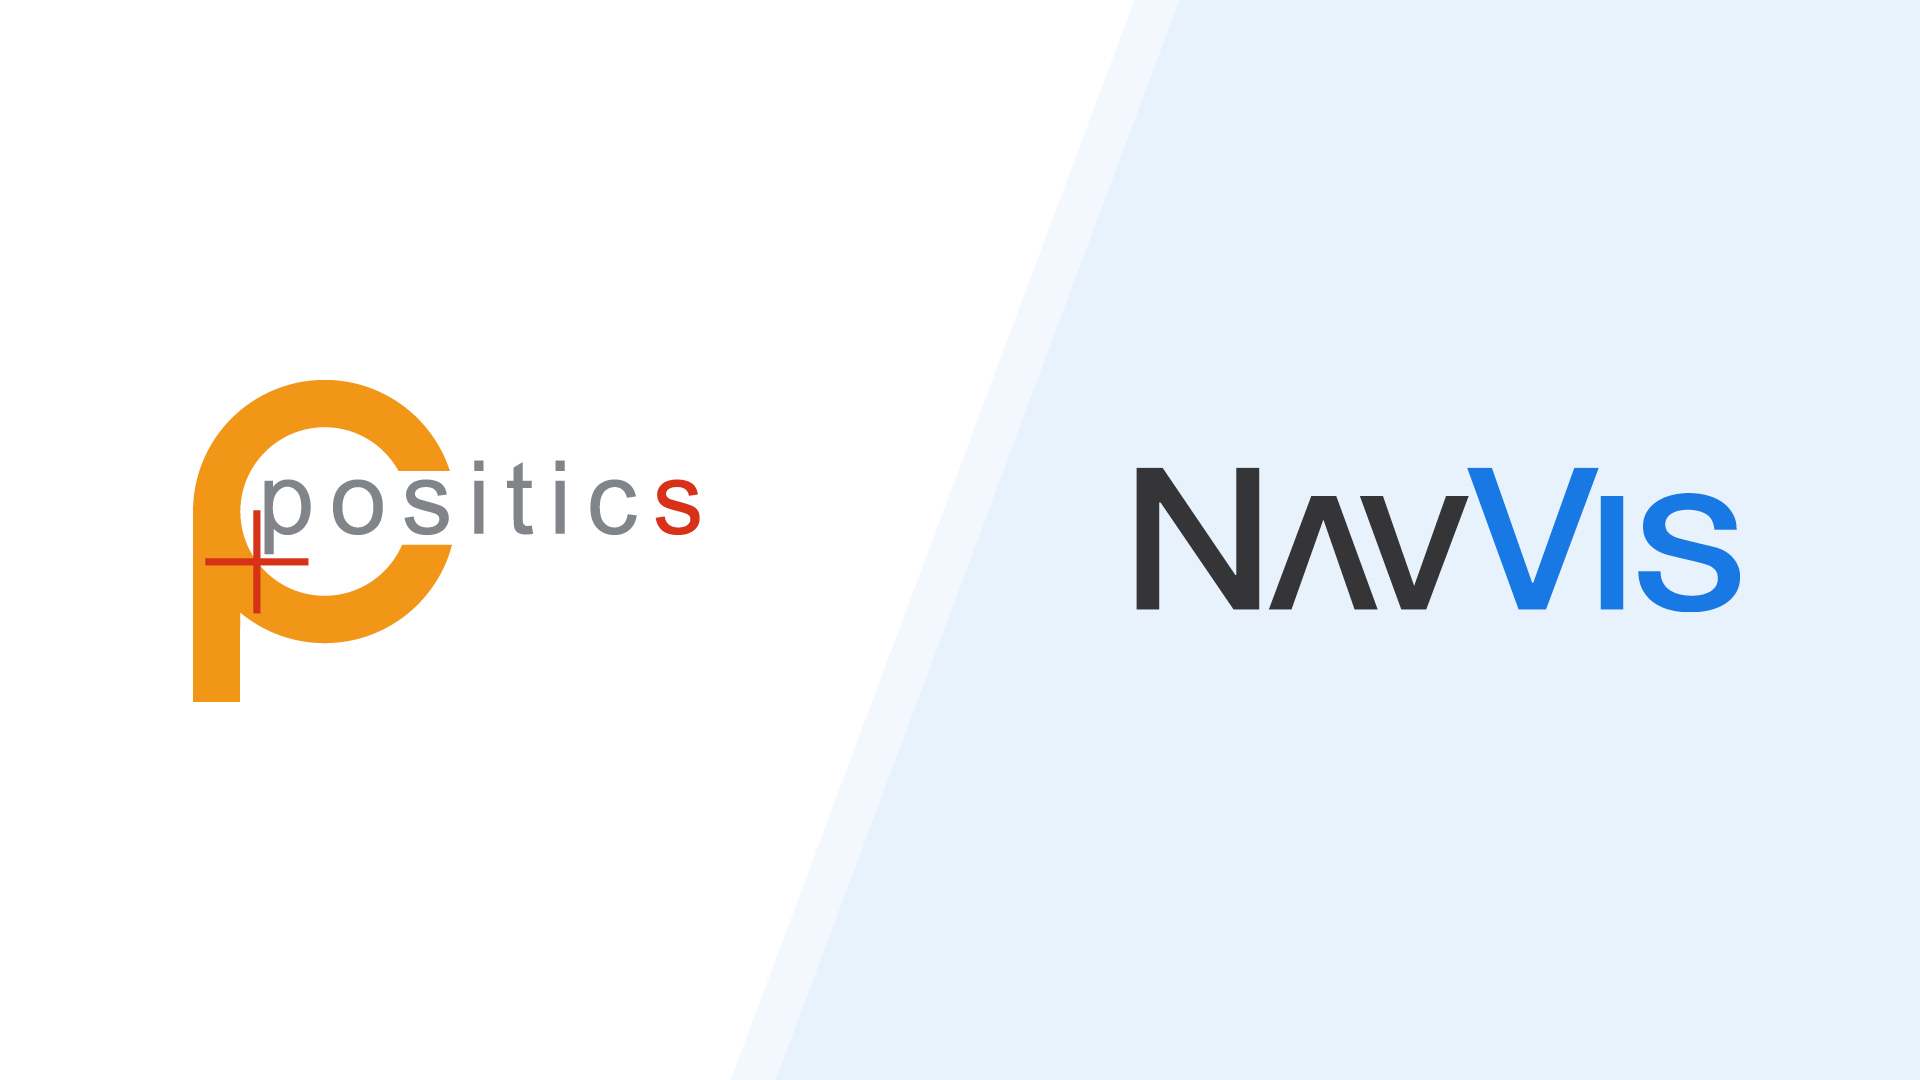 positics-navvis-logo